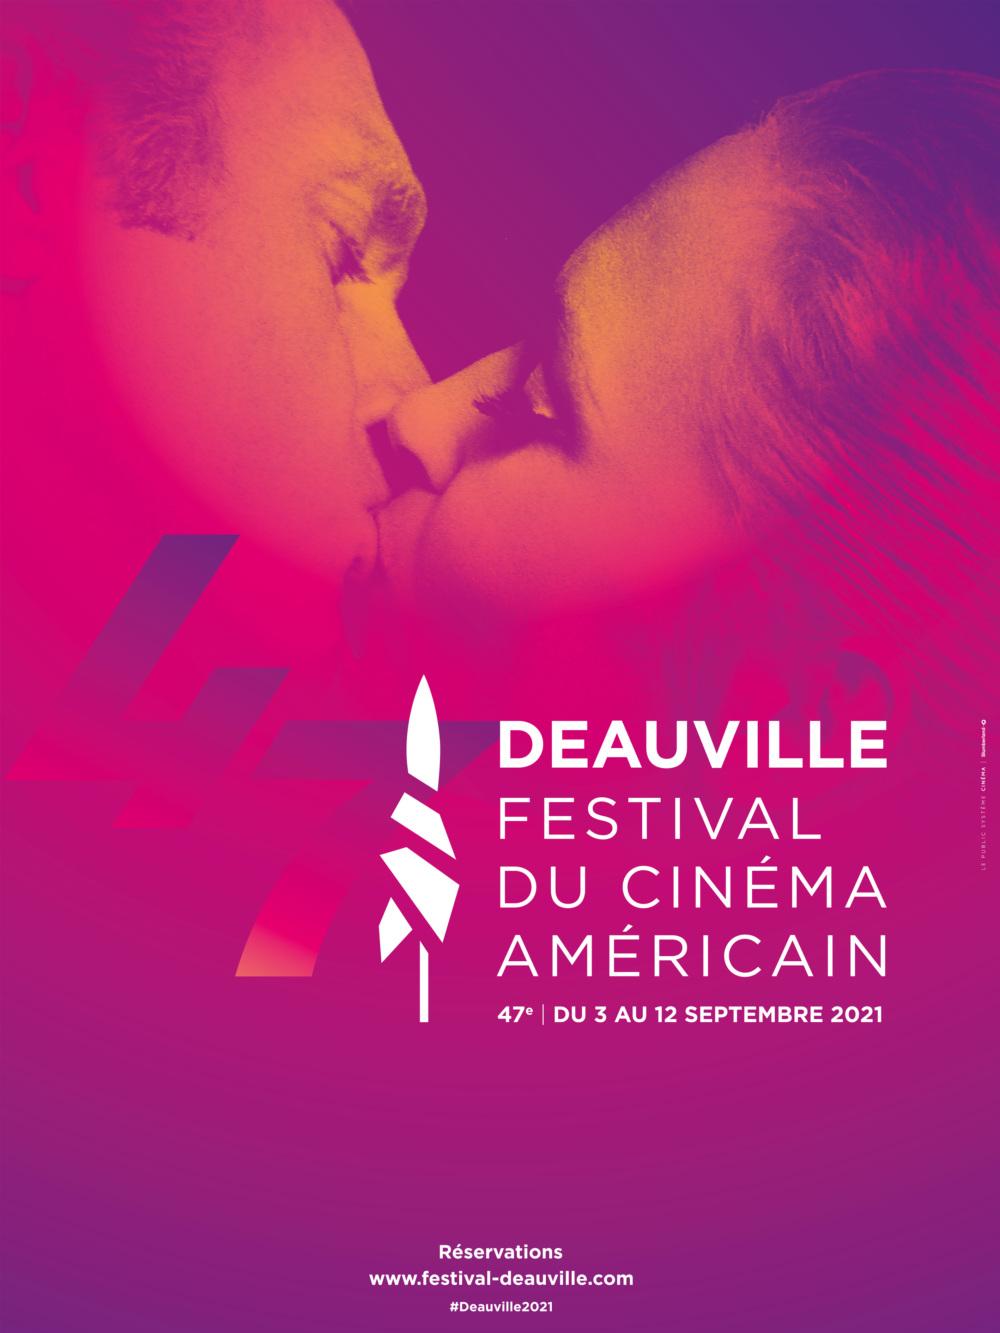 Découvrez l'affiche de la 47e édition du Festival du Cinéma Américain de  Deauville. - Festival du Cinéma Américain de Deauville